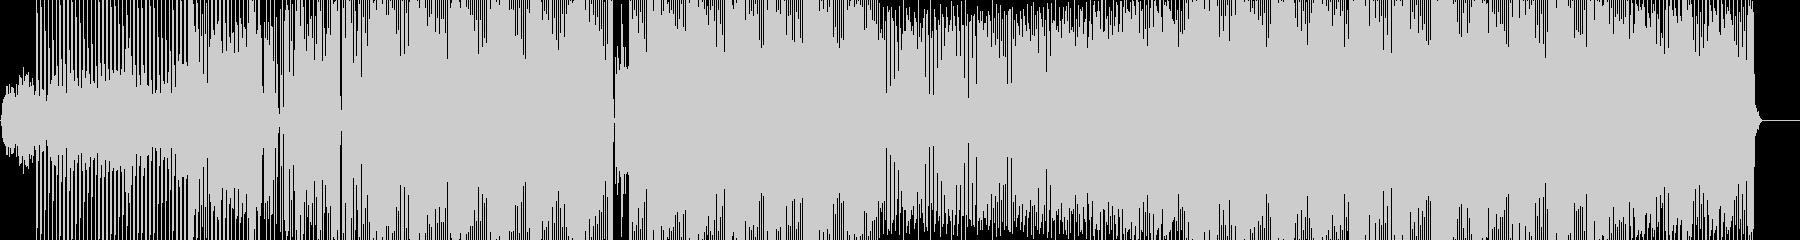 繰り返しリズムの音像の連続。の未再生の波形